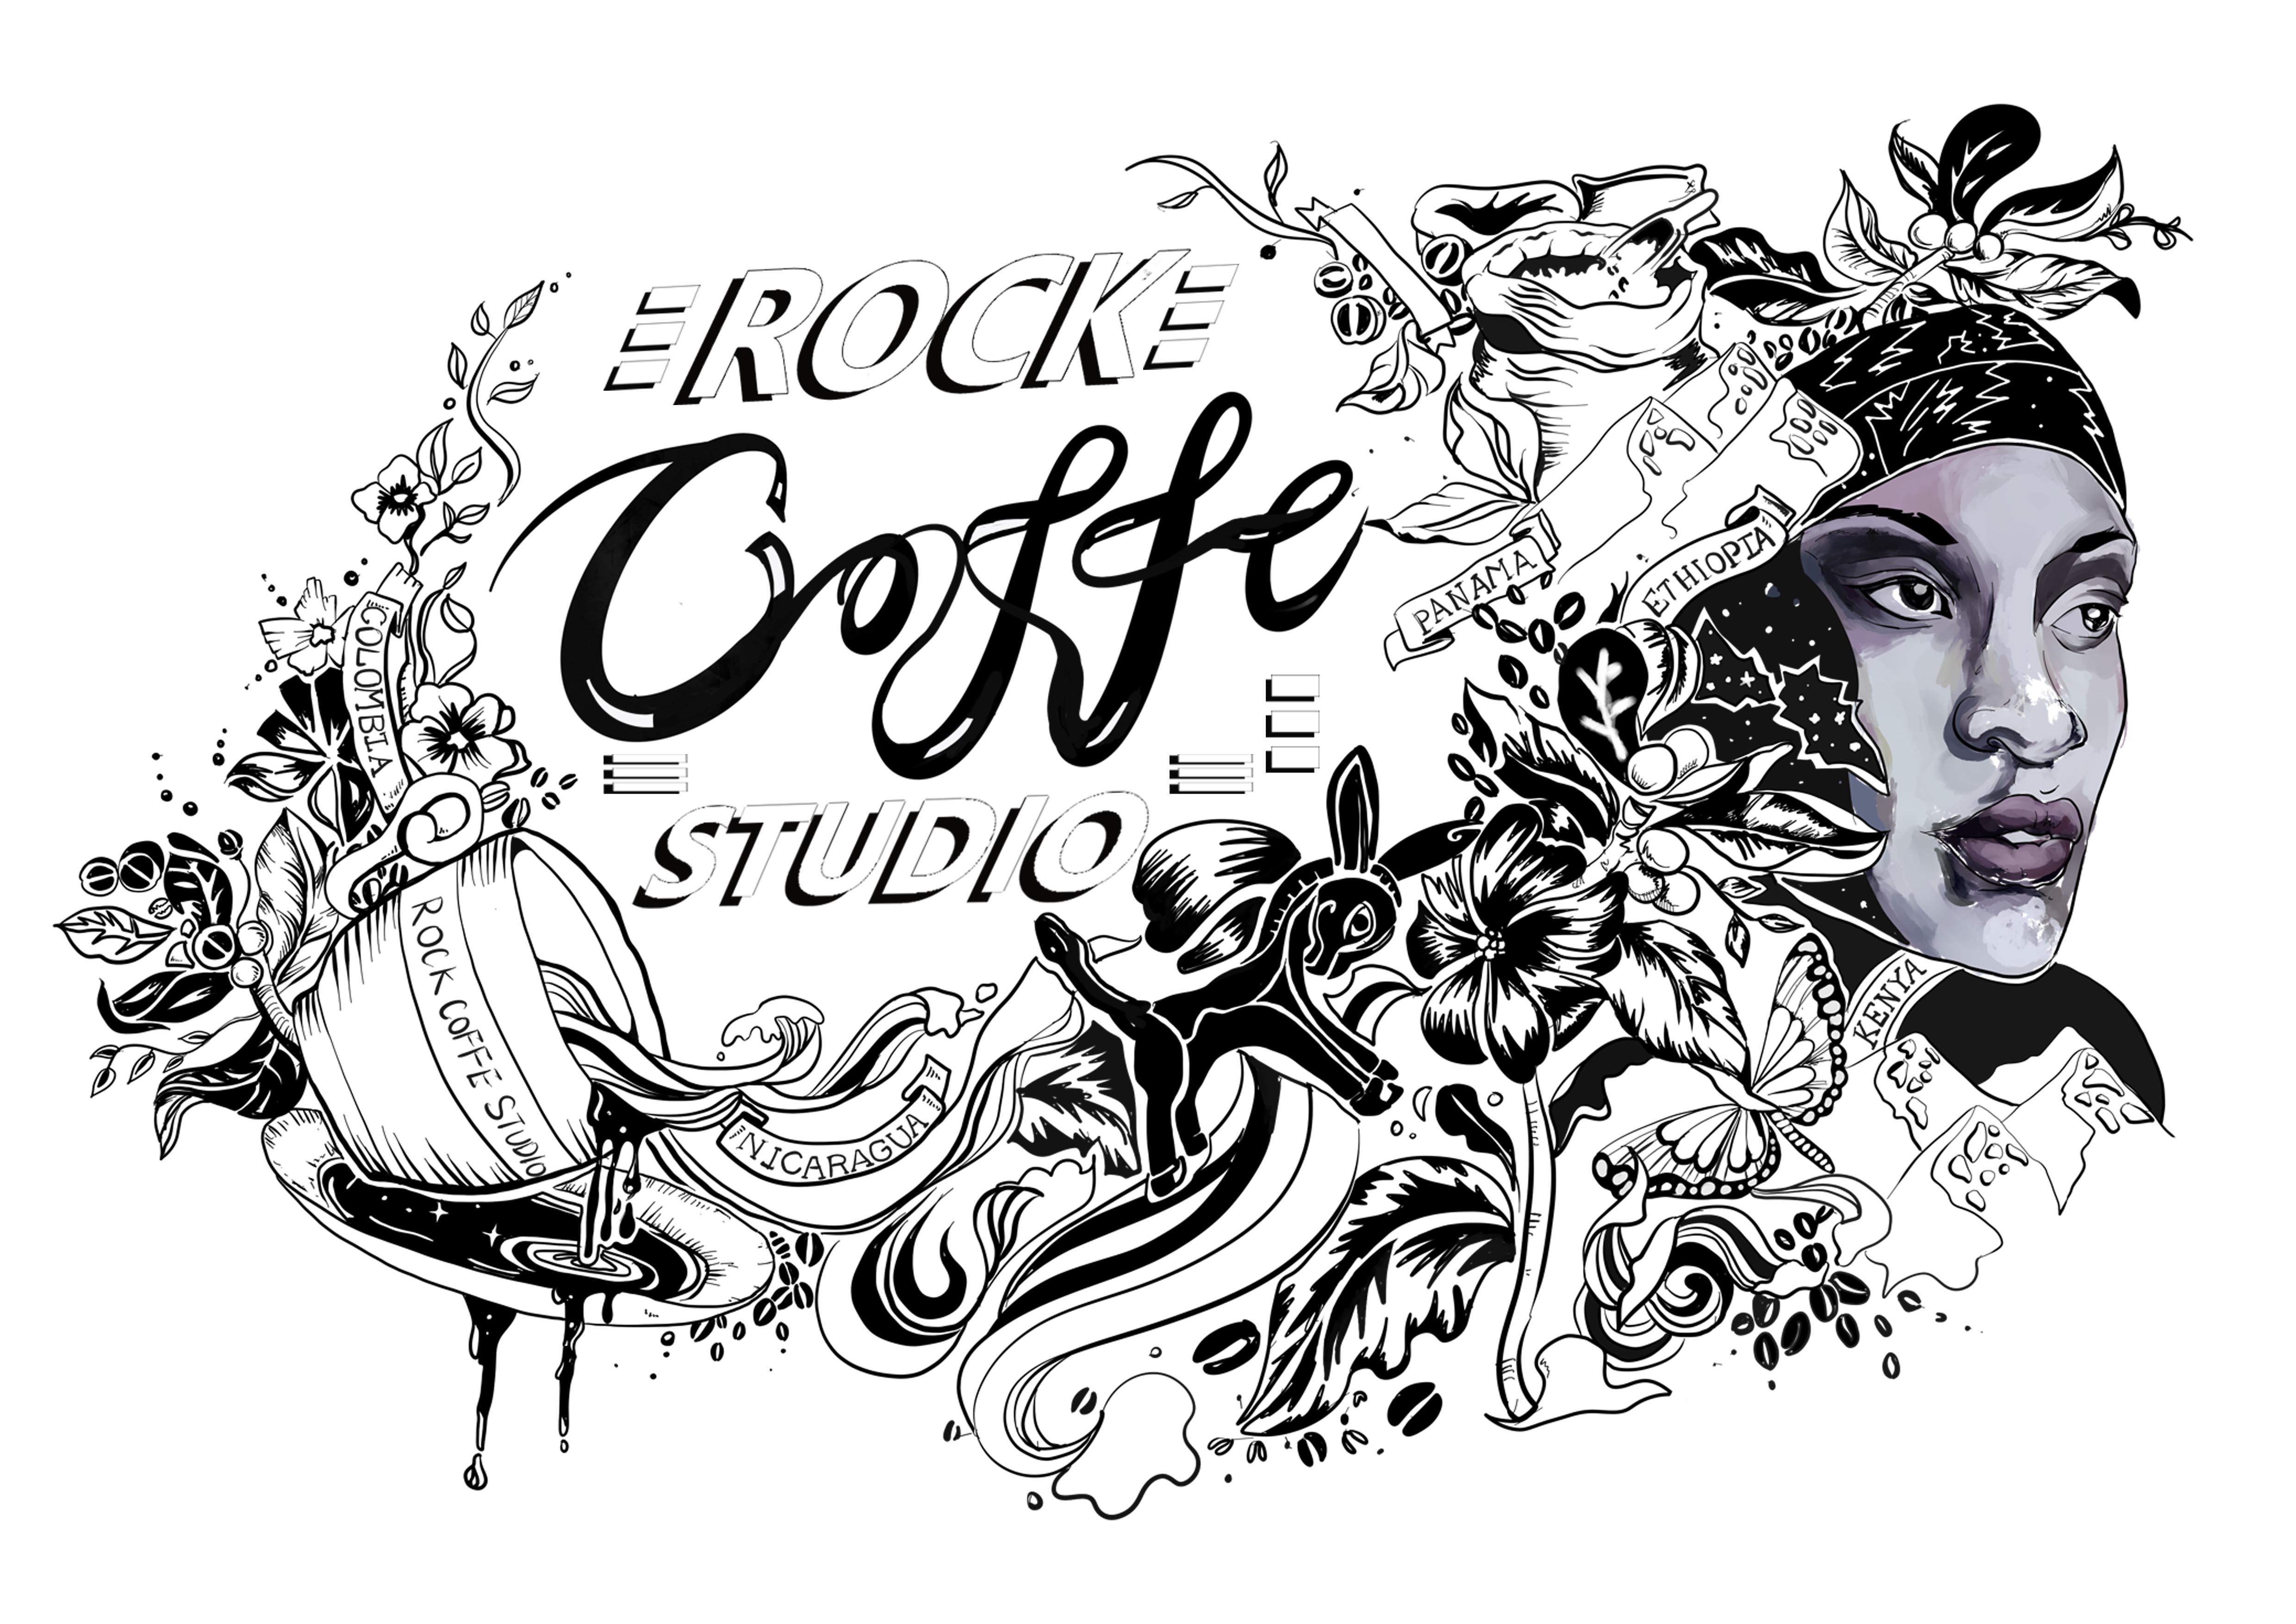 首先是进行了板绘,将要画的图案和字体设计好,题材是咖啡的历史和制作图片